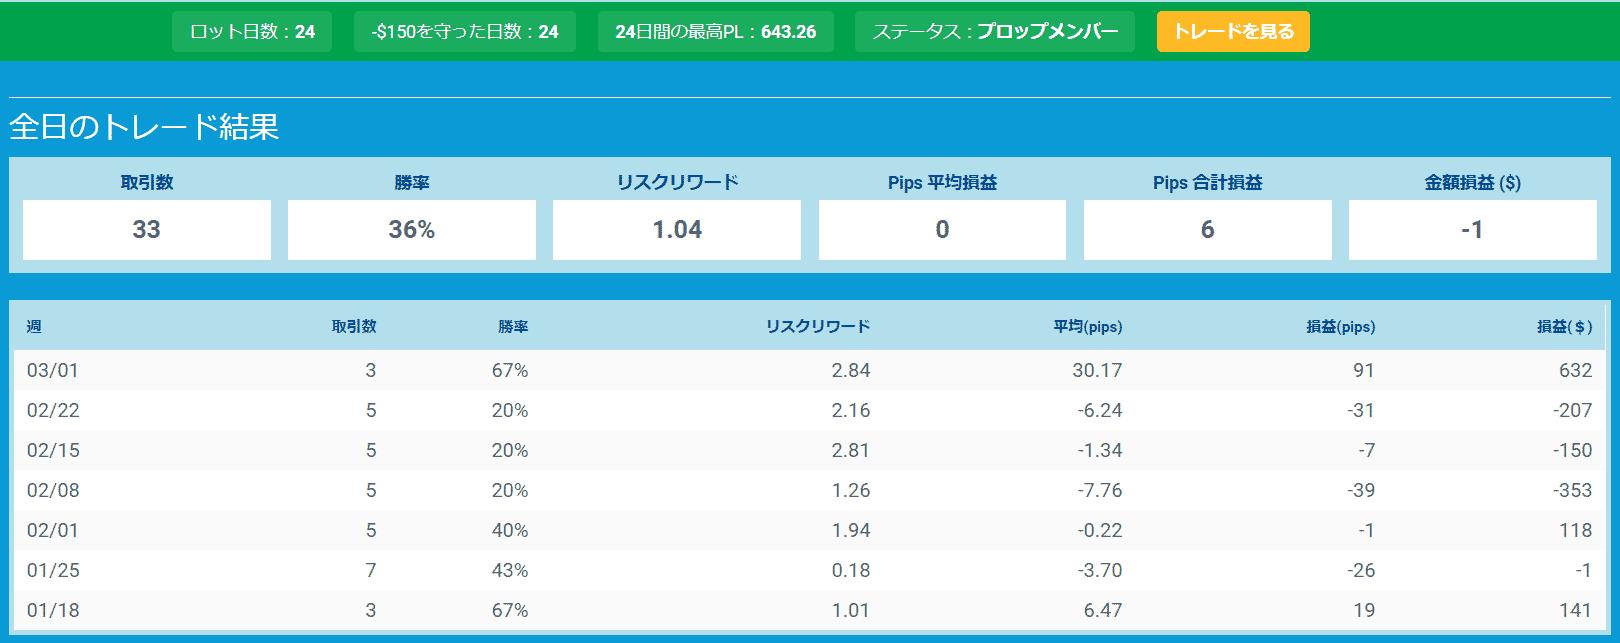 プロップトレーダーチャートNishi3